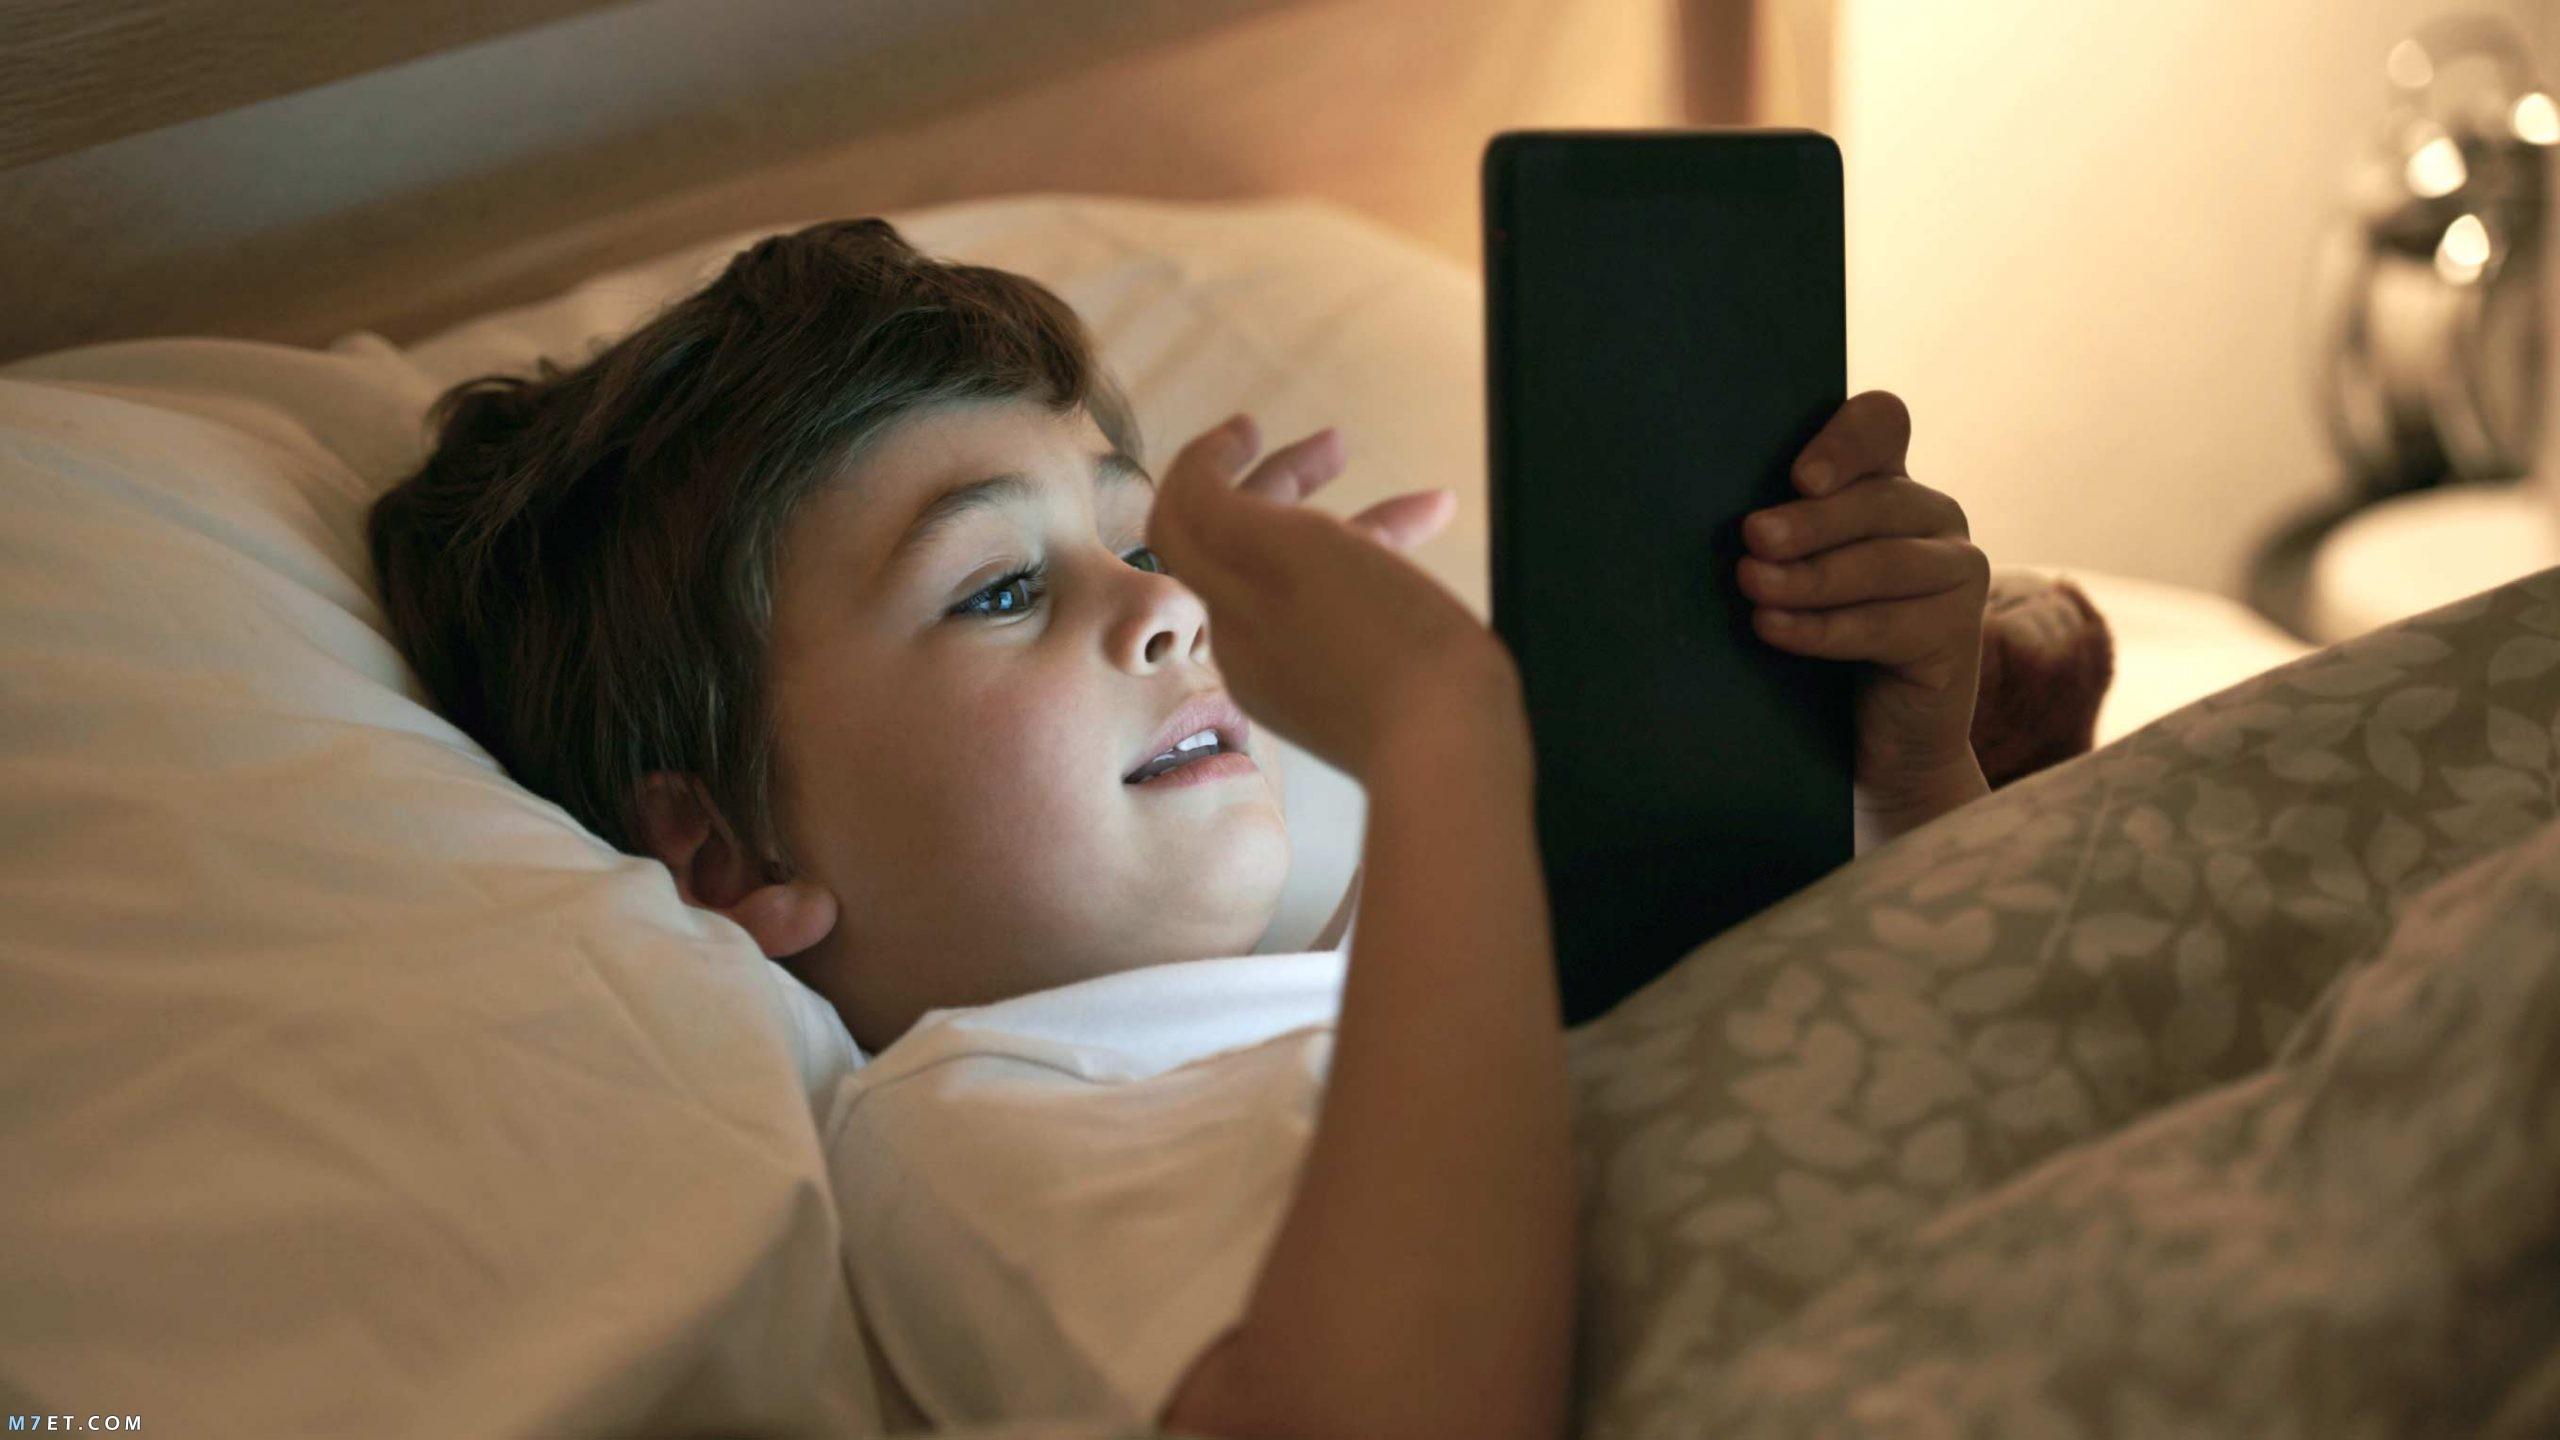 امنعي استخدام الأجهزة الحديثة قبل النوم